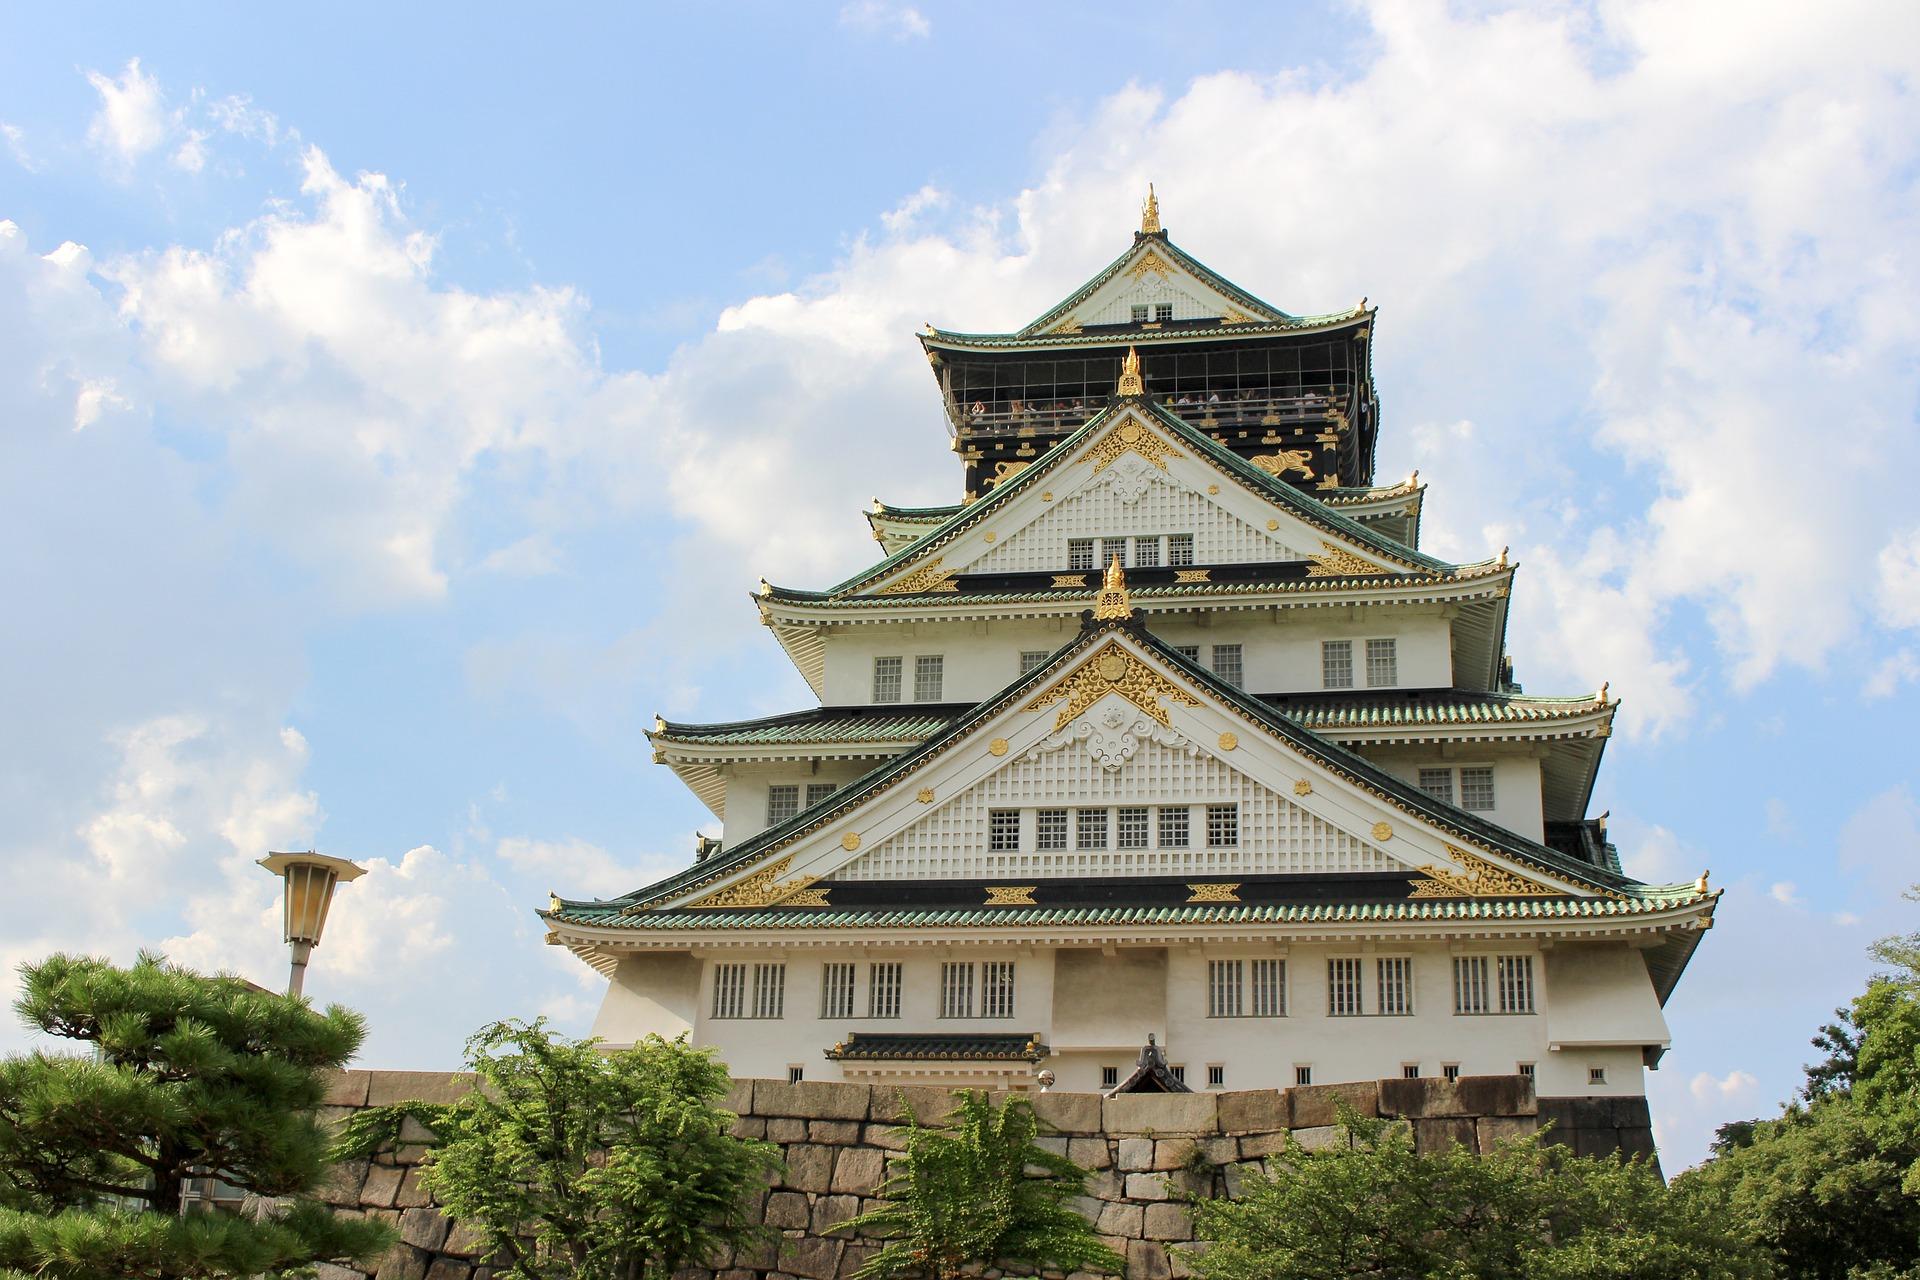 osaka-castle-3237242_1920.jpg